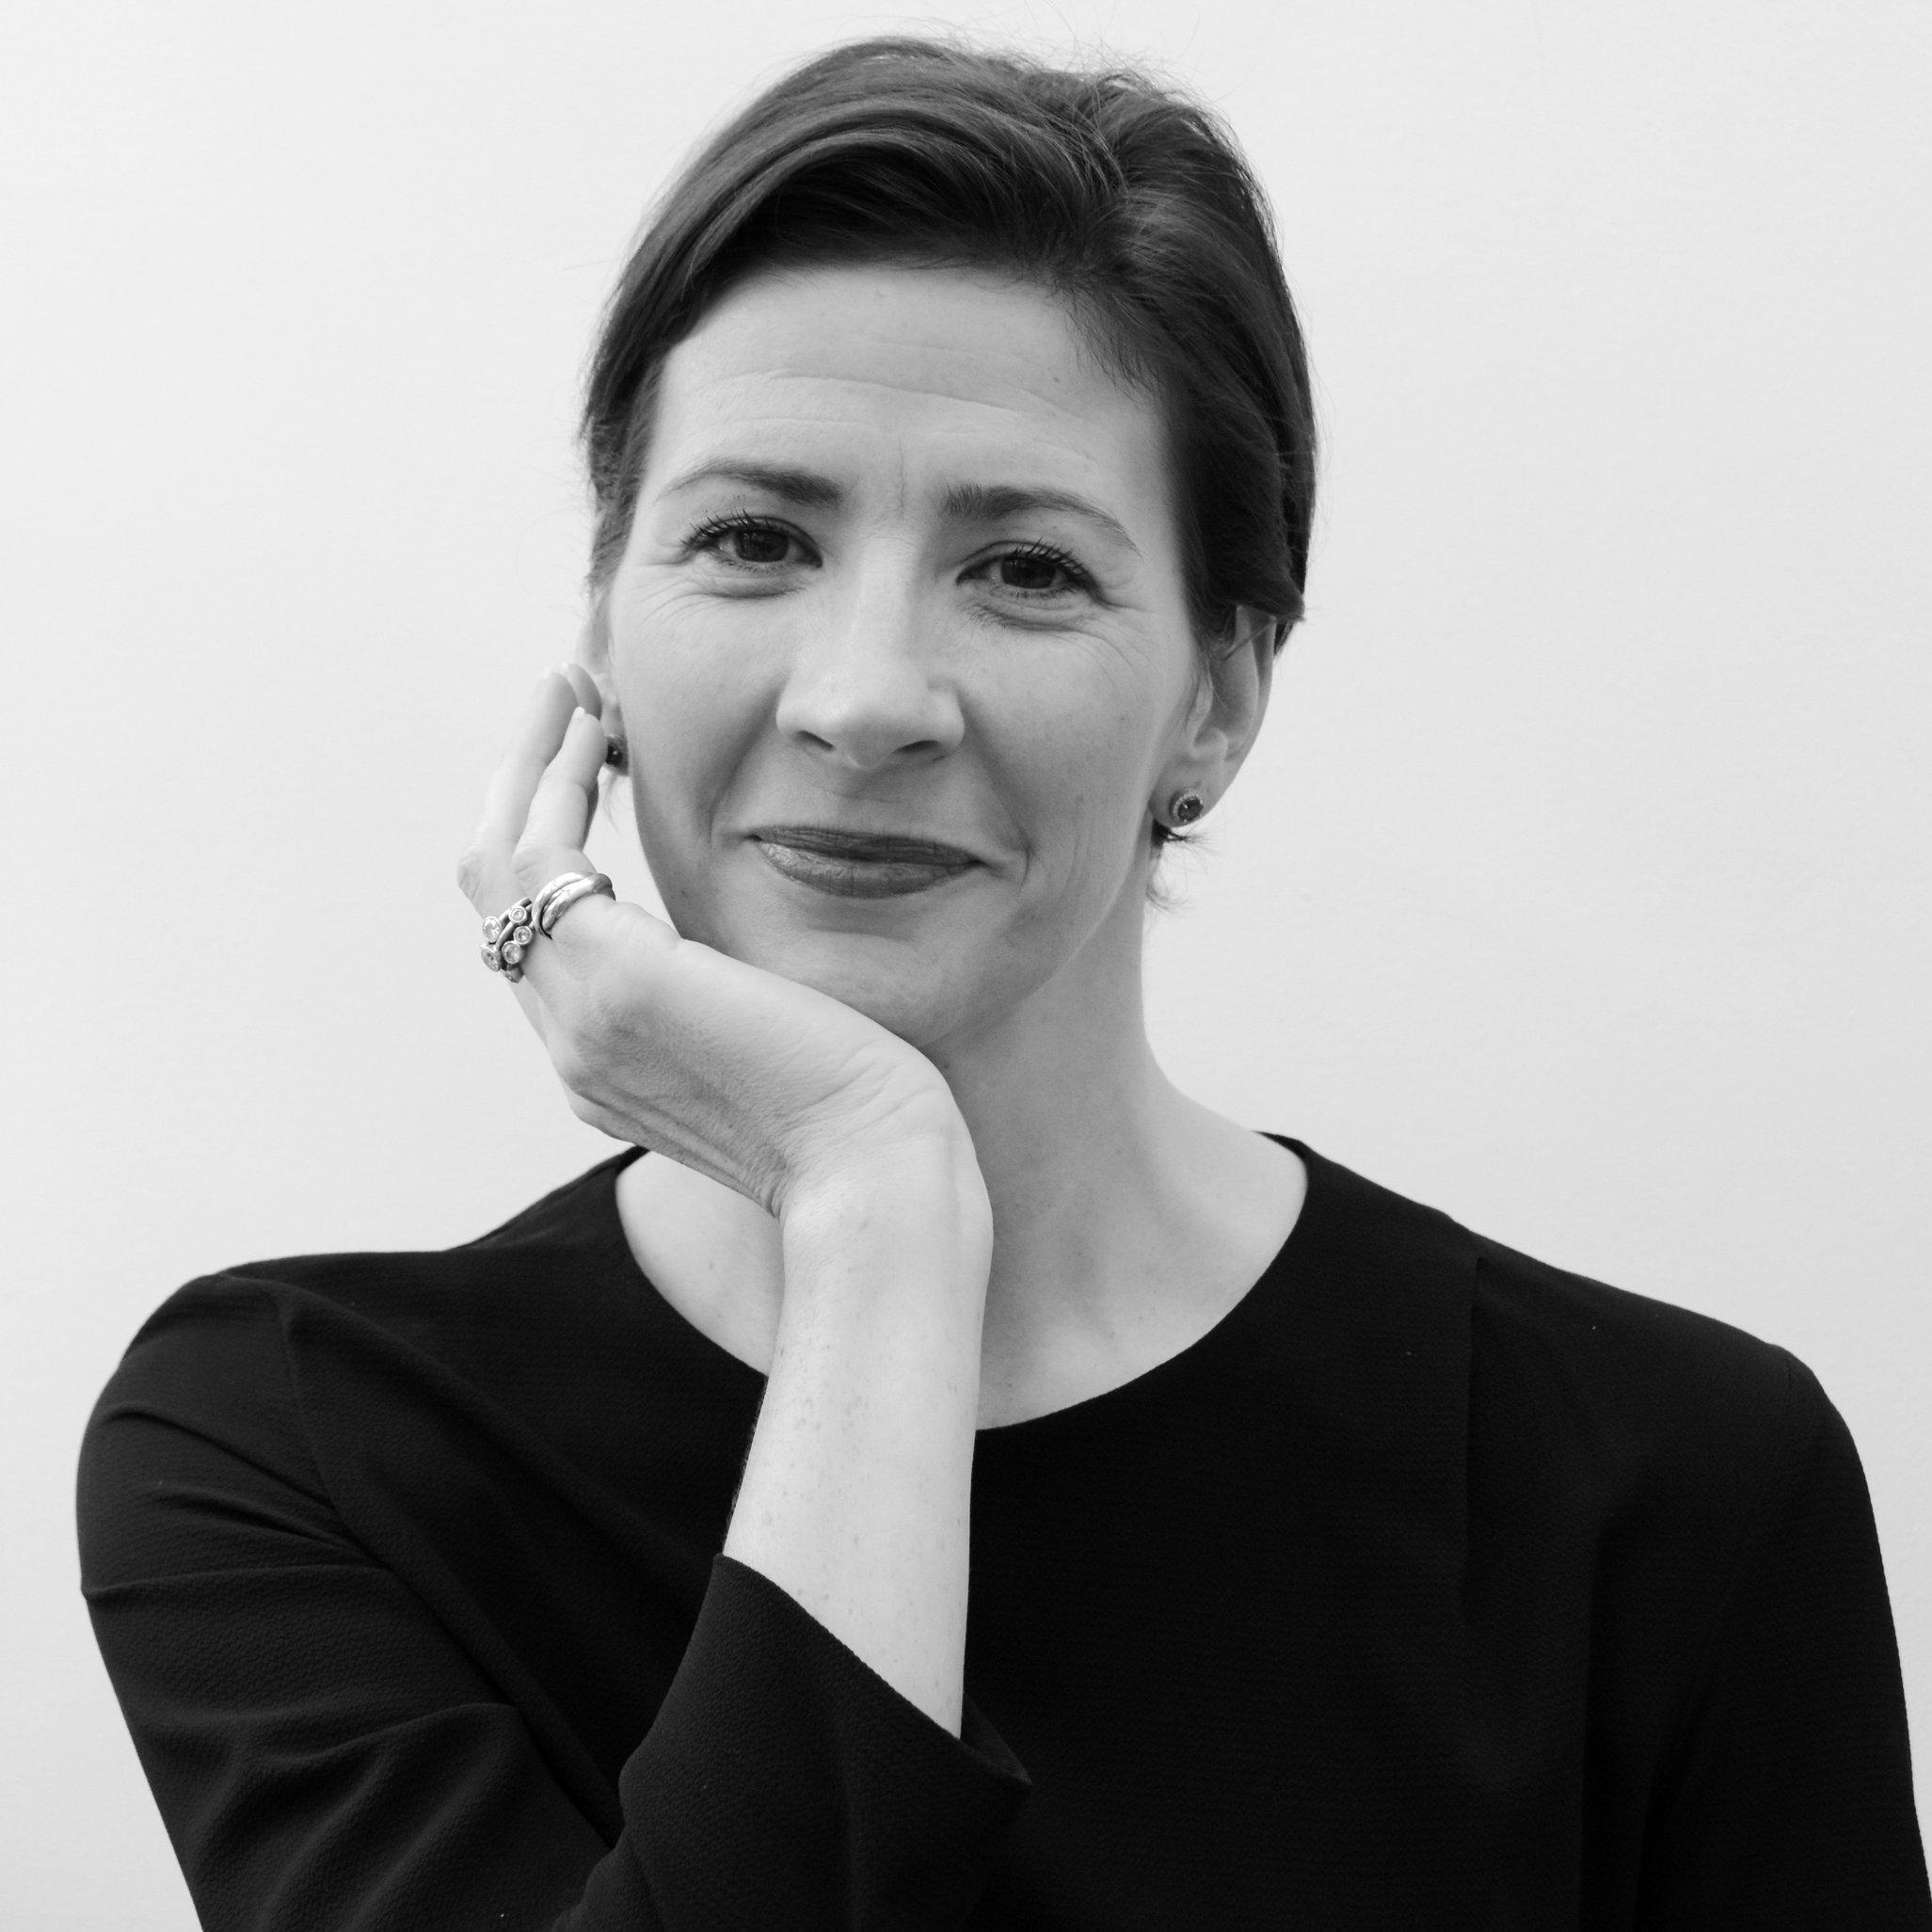 Elizabeth Jenkin